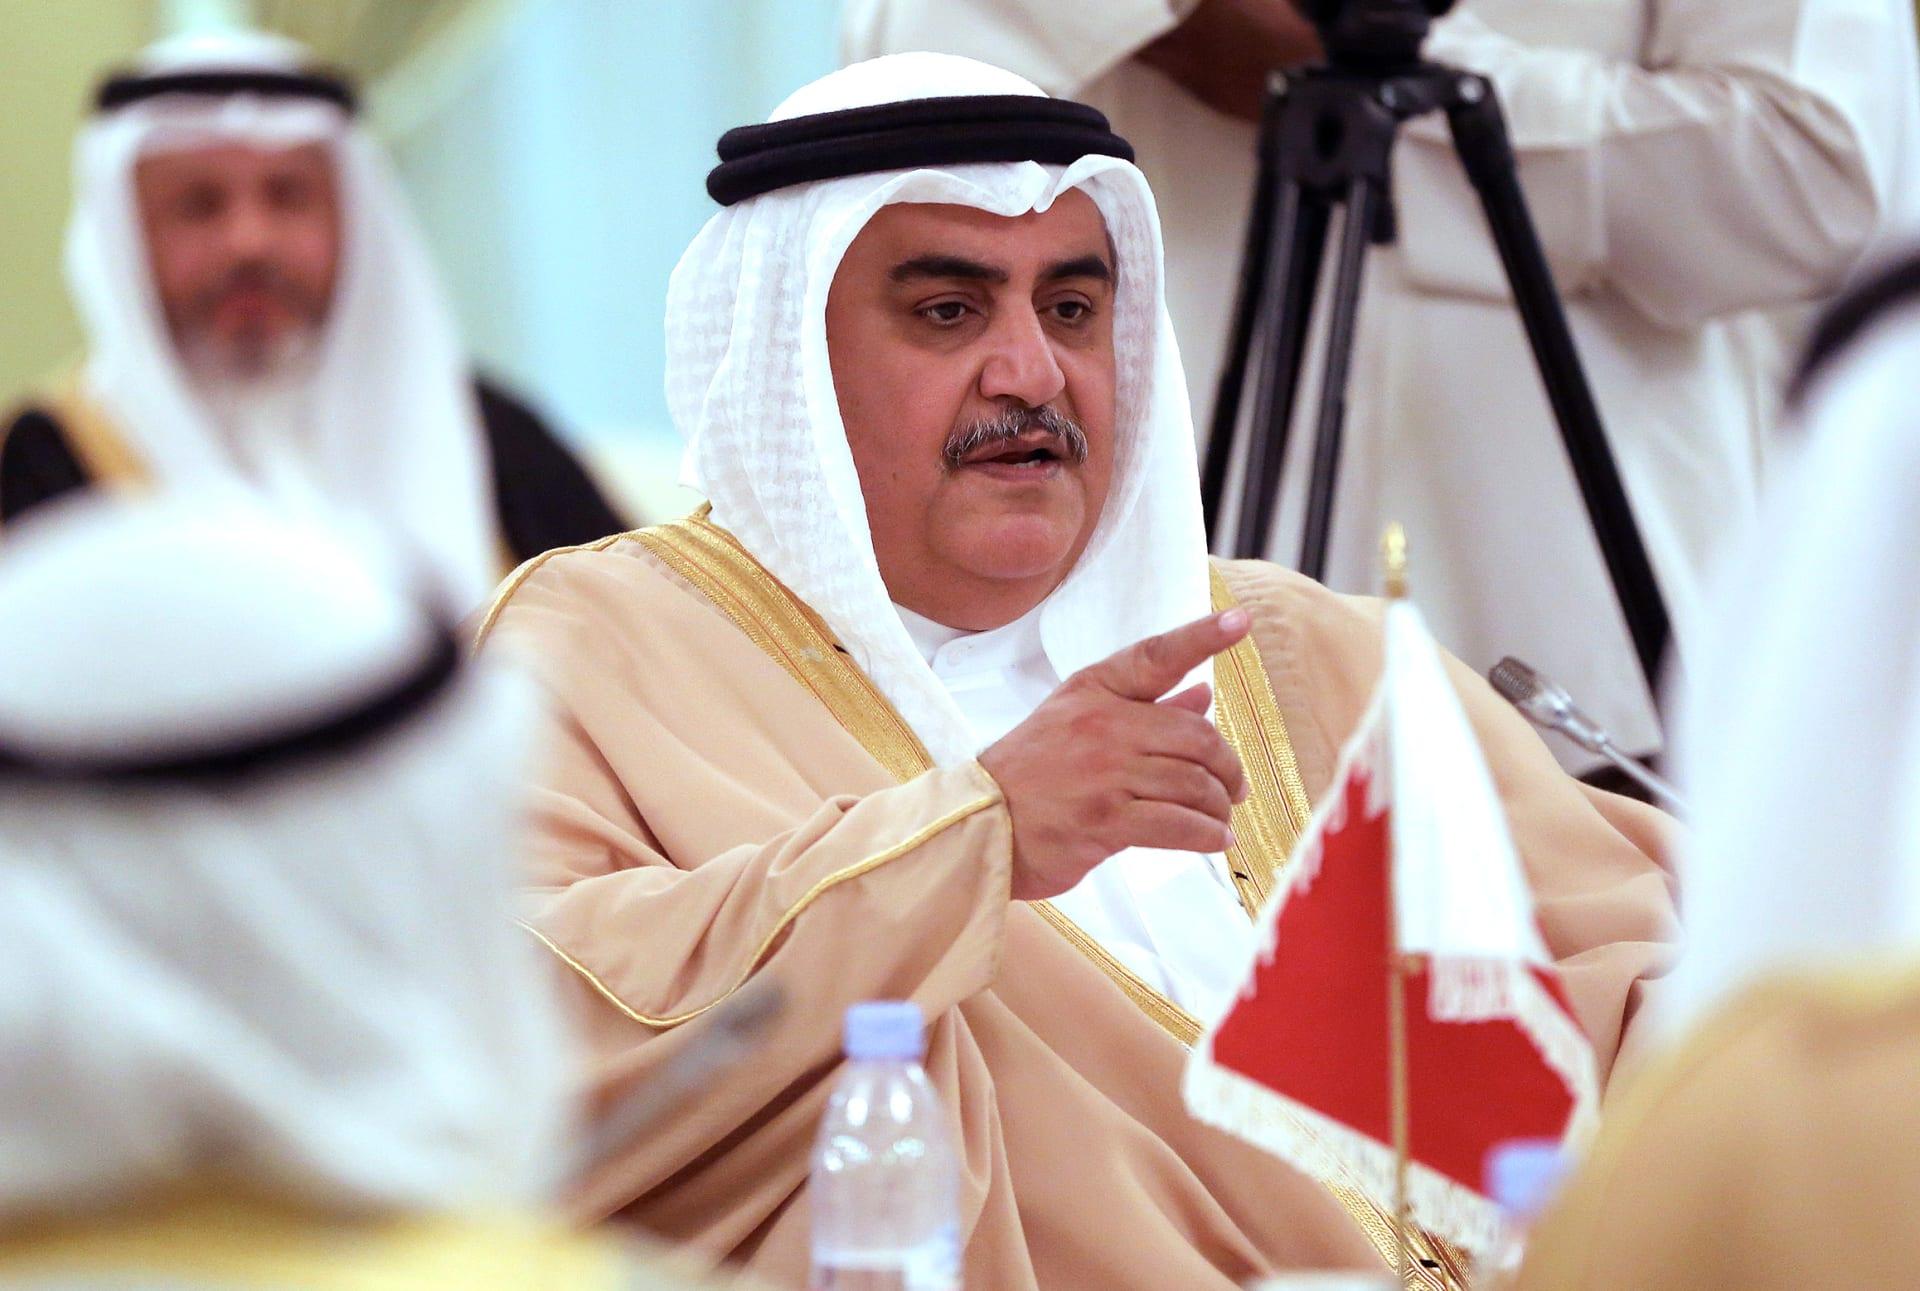 """وزير خارجية البحرين يهاجم مسؤولا قطريا تحدث عن """"احتلال قطر"""""""